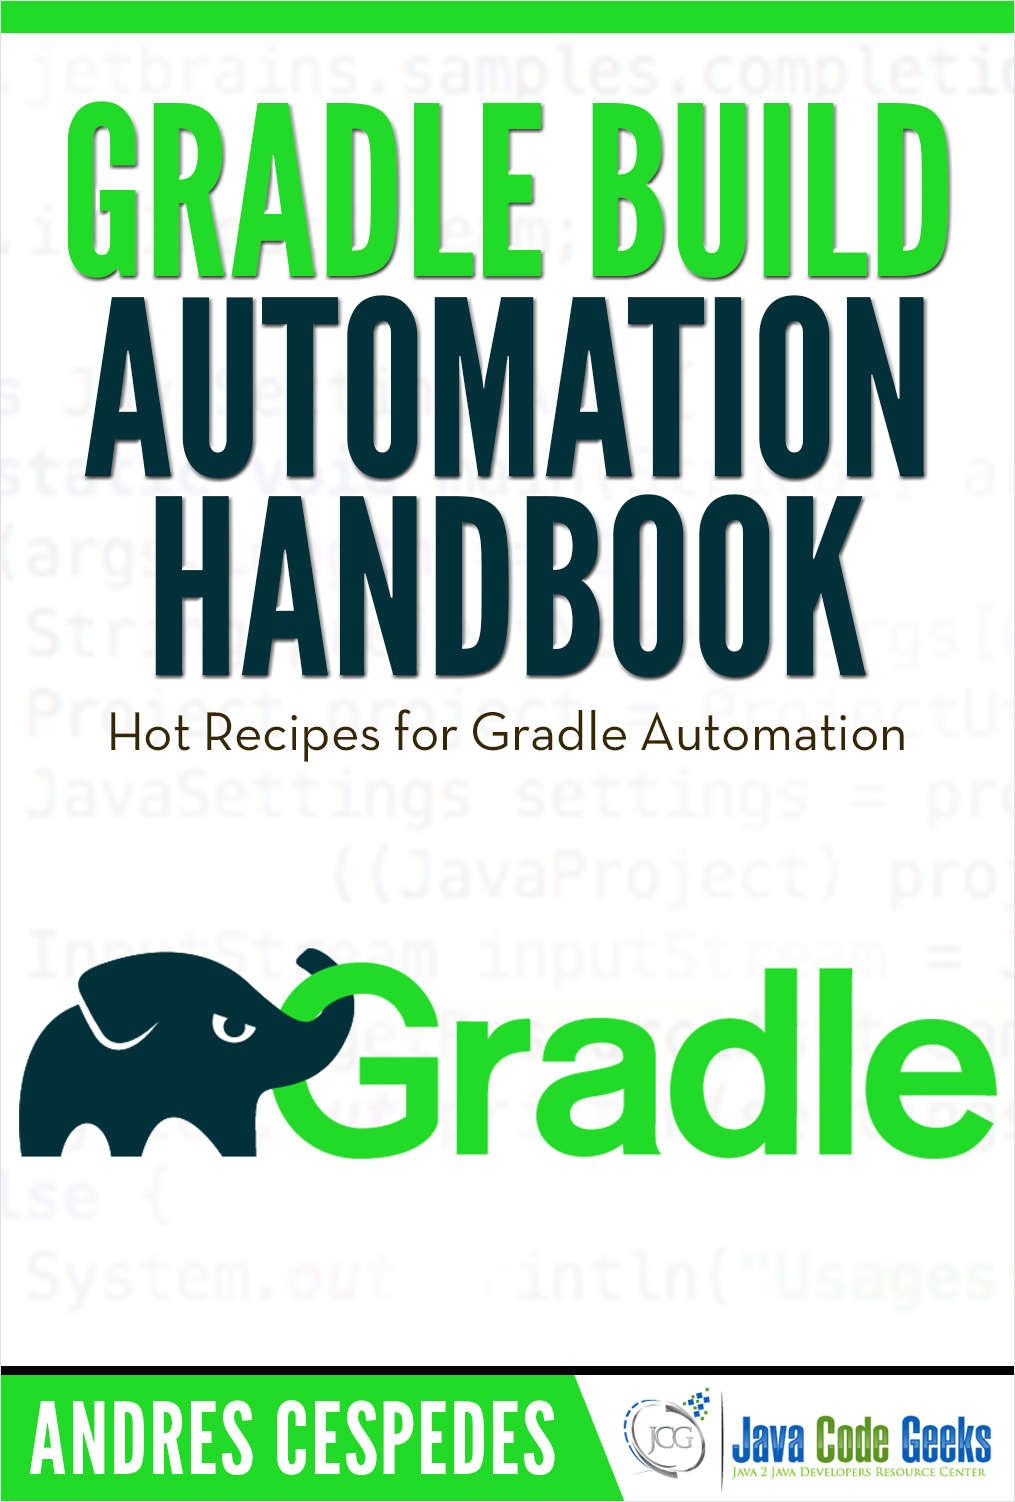 Gradle Build Automation Handbook